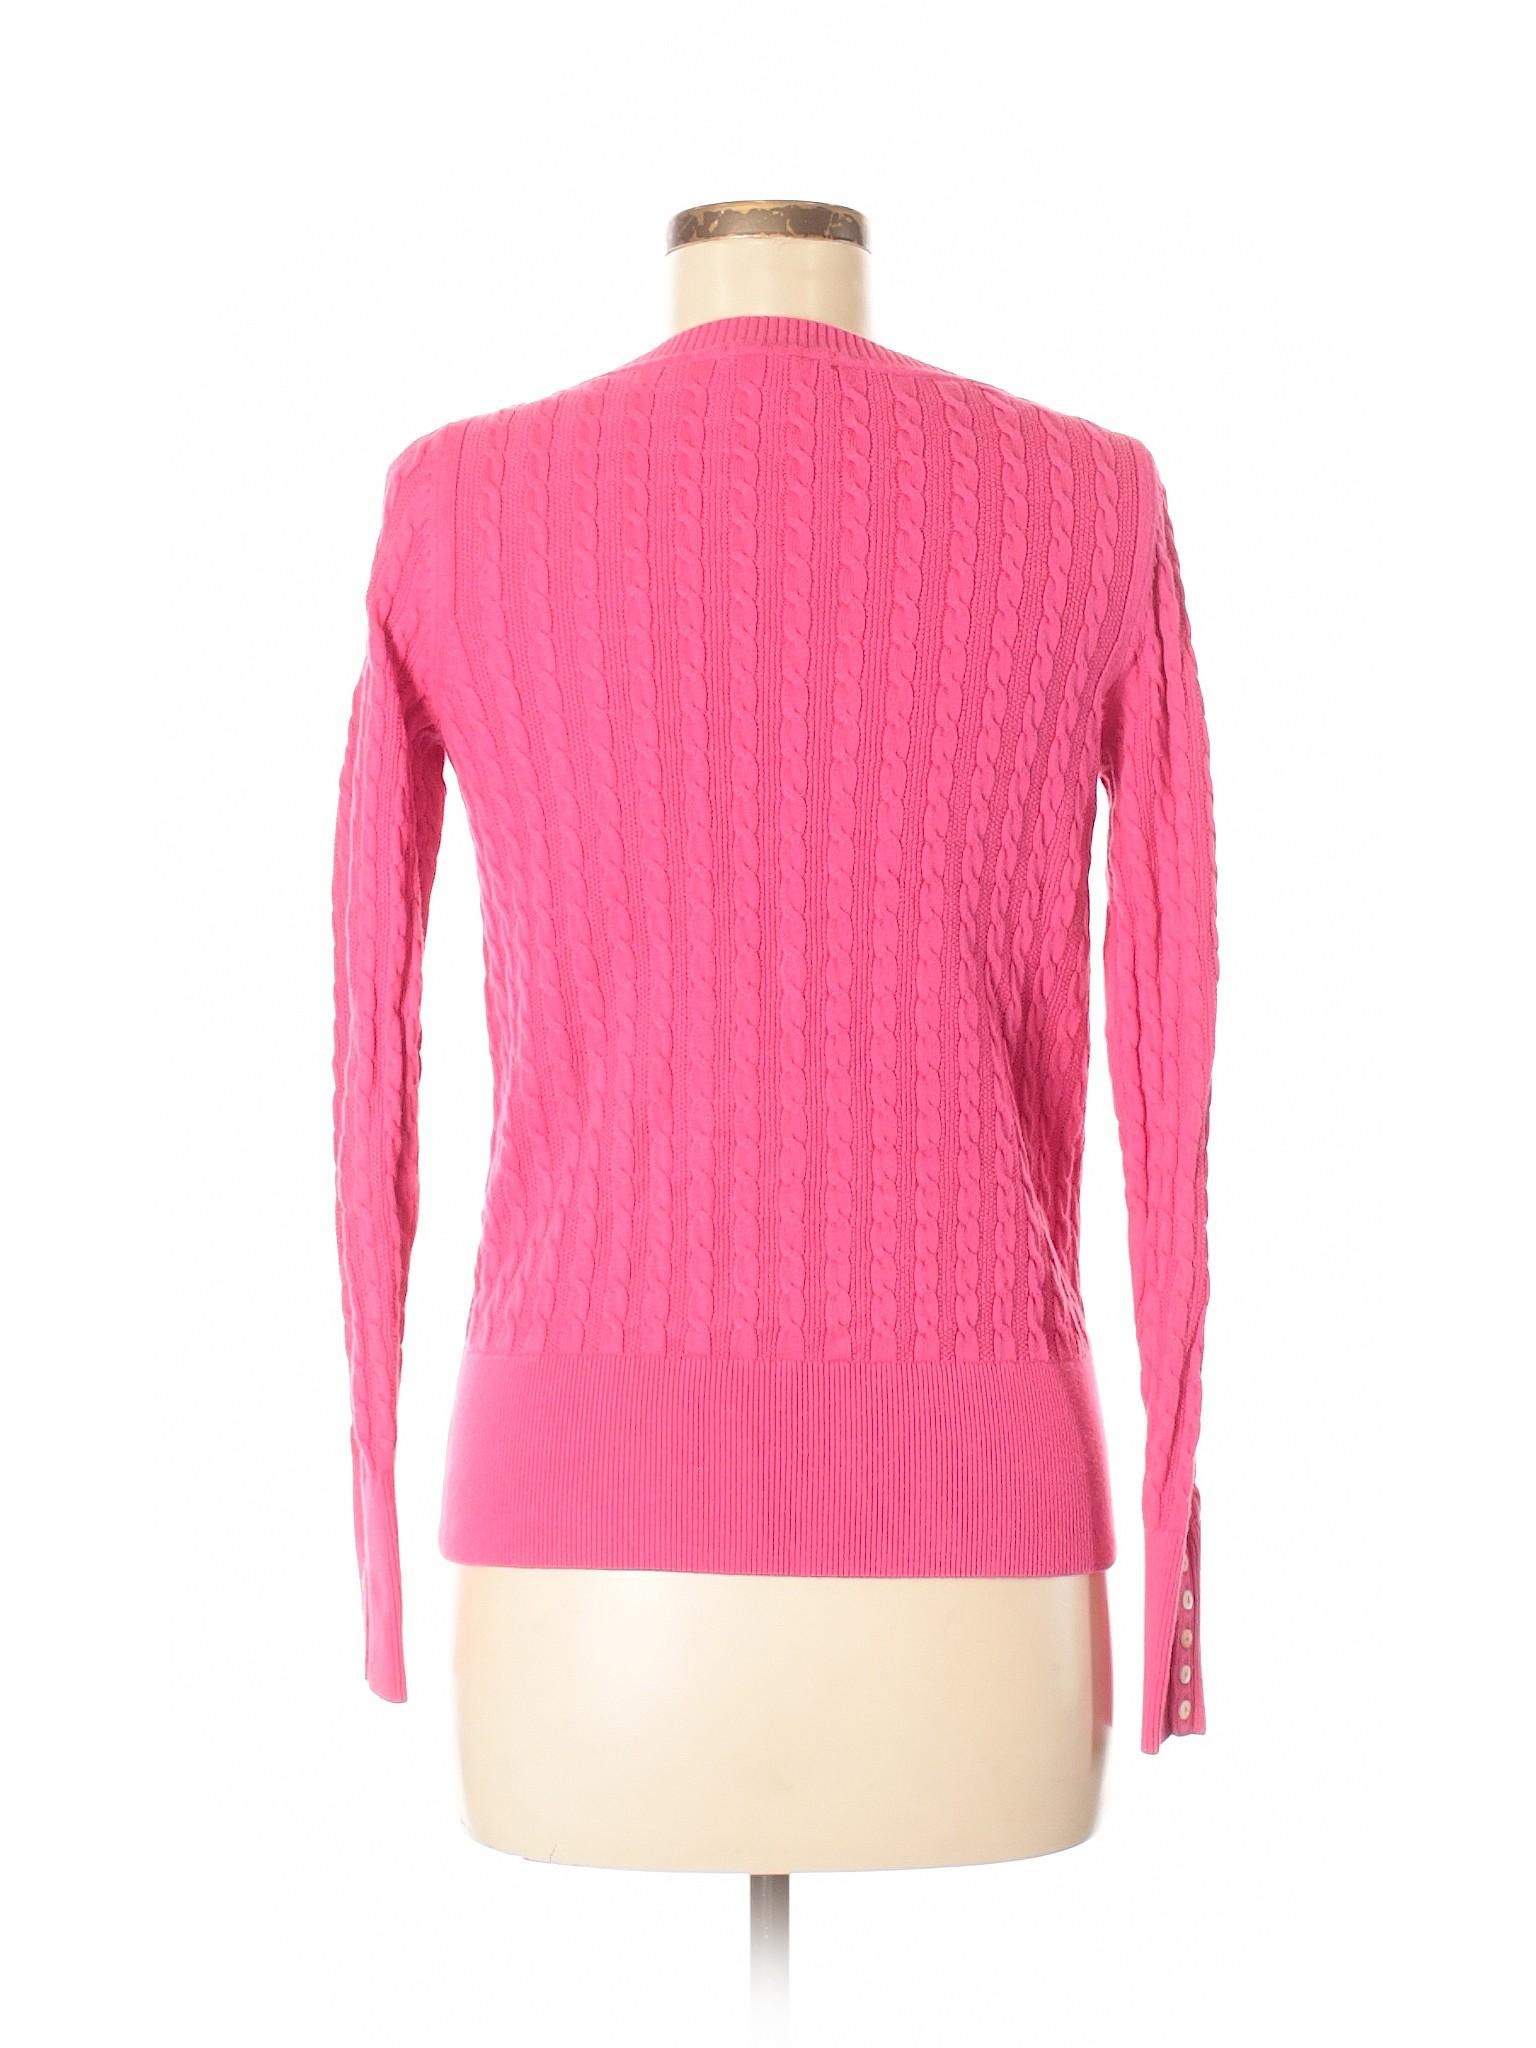 Lacoste Boutique Boutique Lacoste Sweater Pullover Pullover Sweater Boutique XqppwdOB